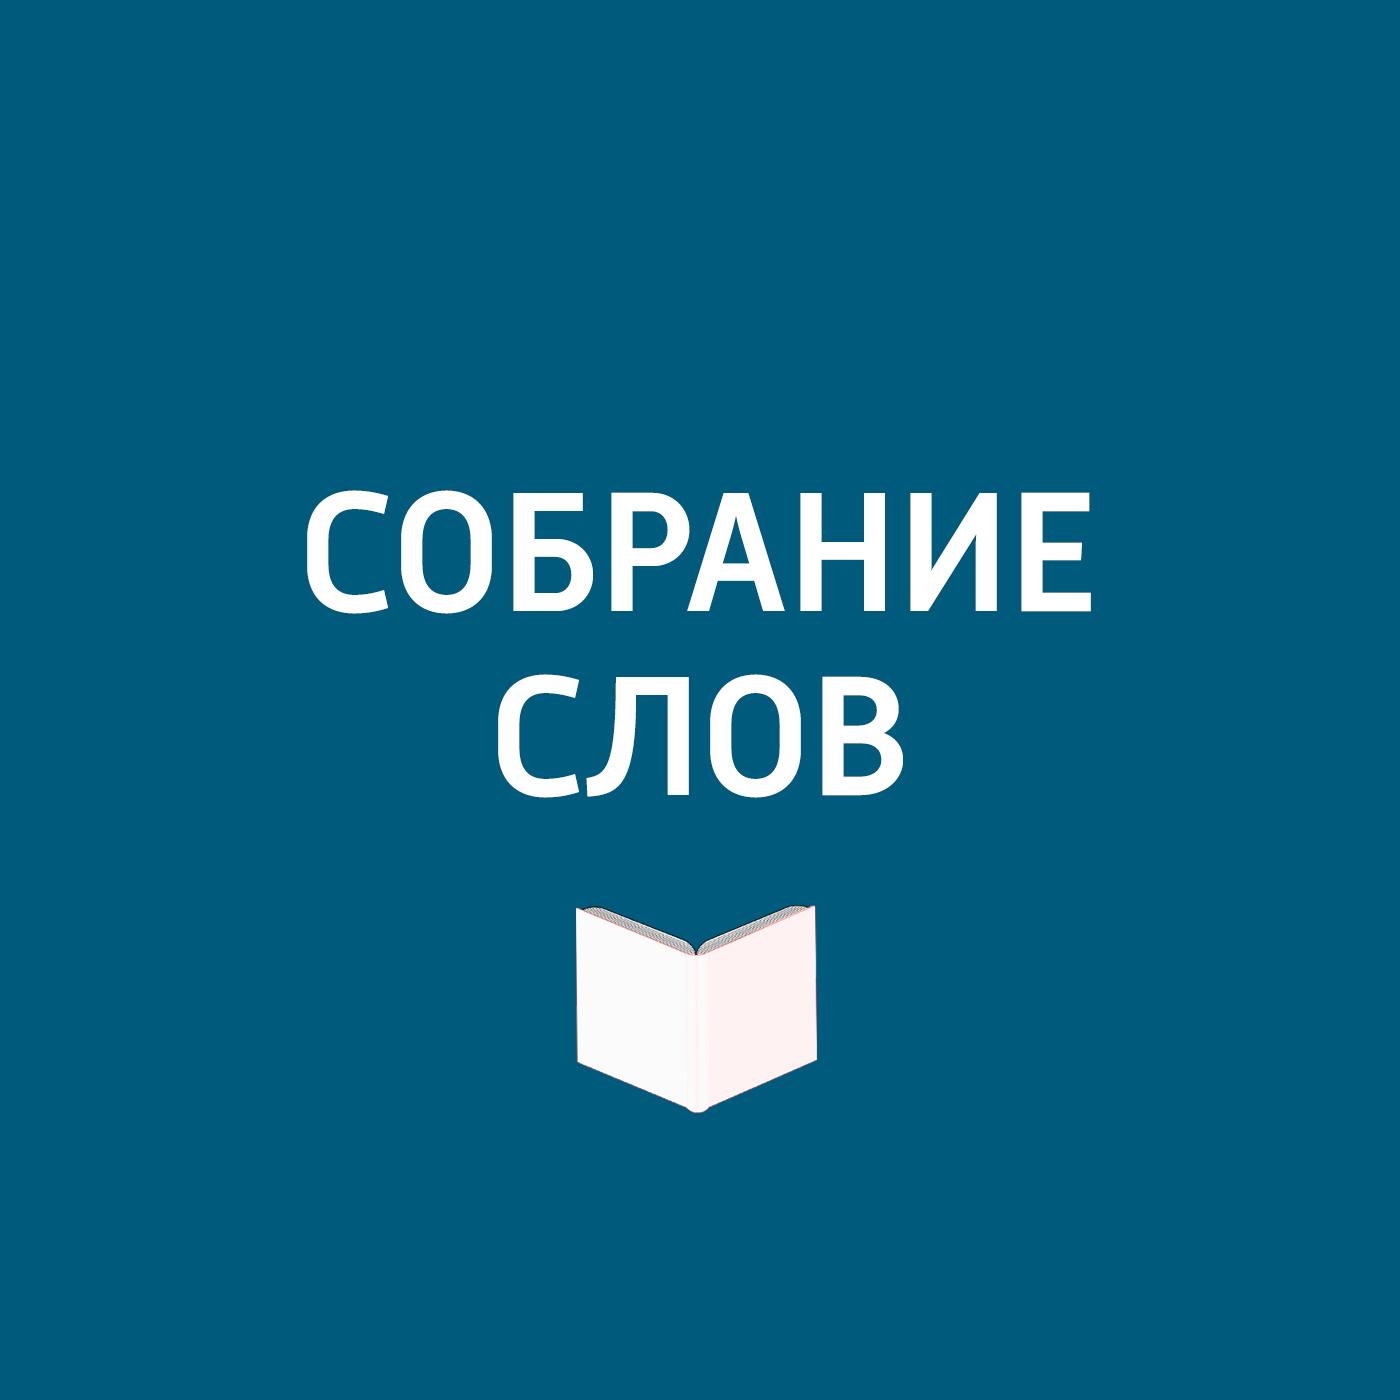 Творческий коллектив программы «Собрание слов» Большое интервью Ольги Свибловой